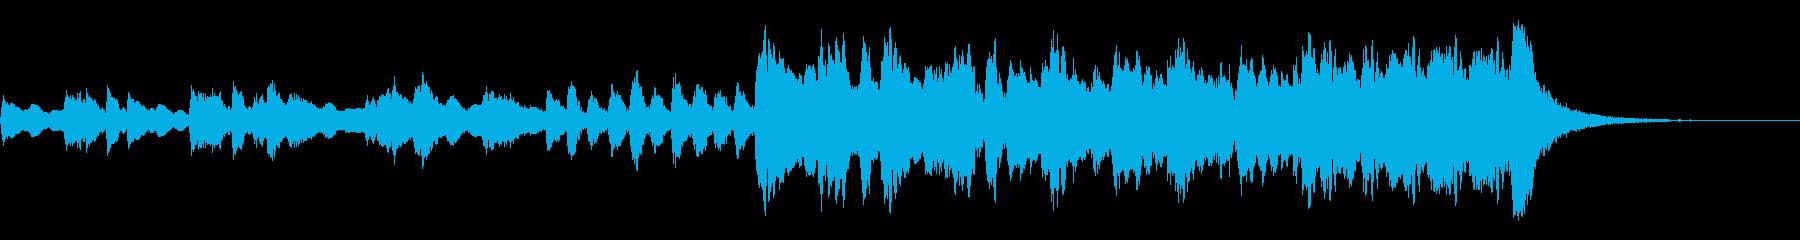 チャイコフスキー 激しいイントロジングルの再生済みの波形